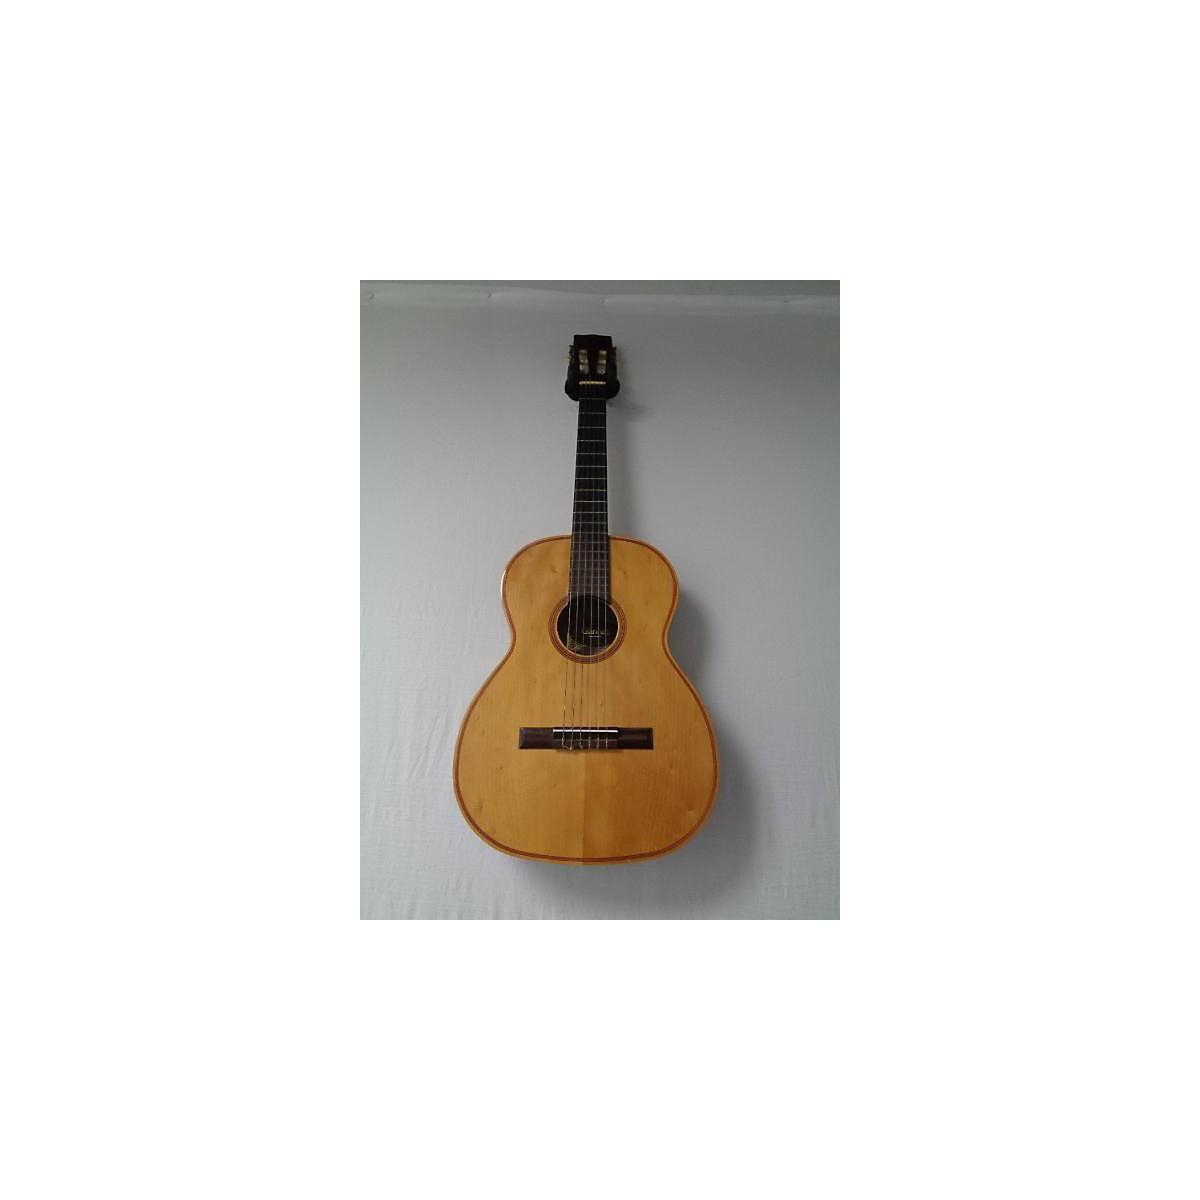 Giannini Classical Guitar Acoustic Guitar